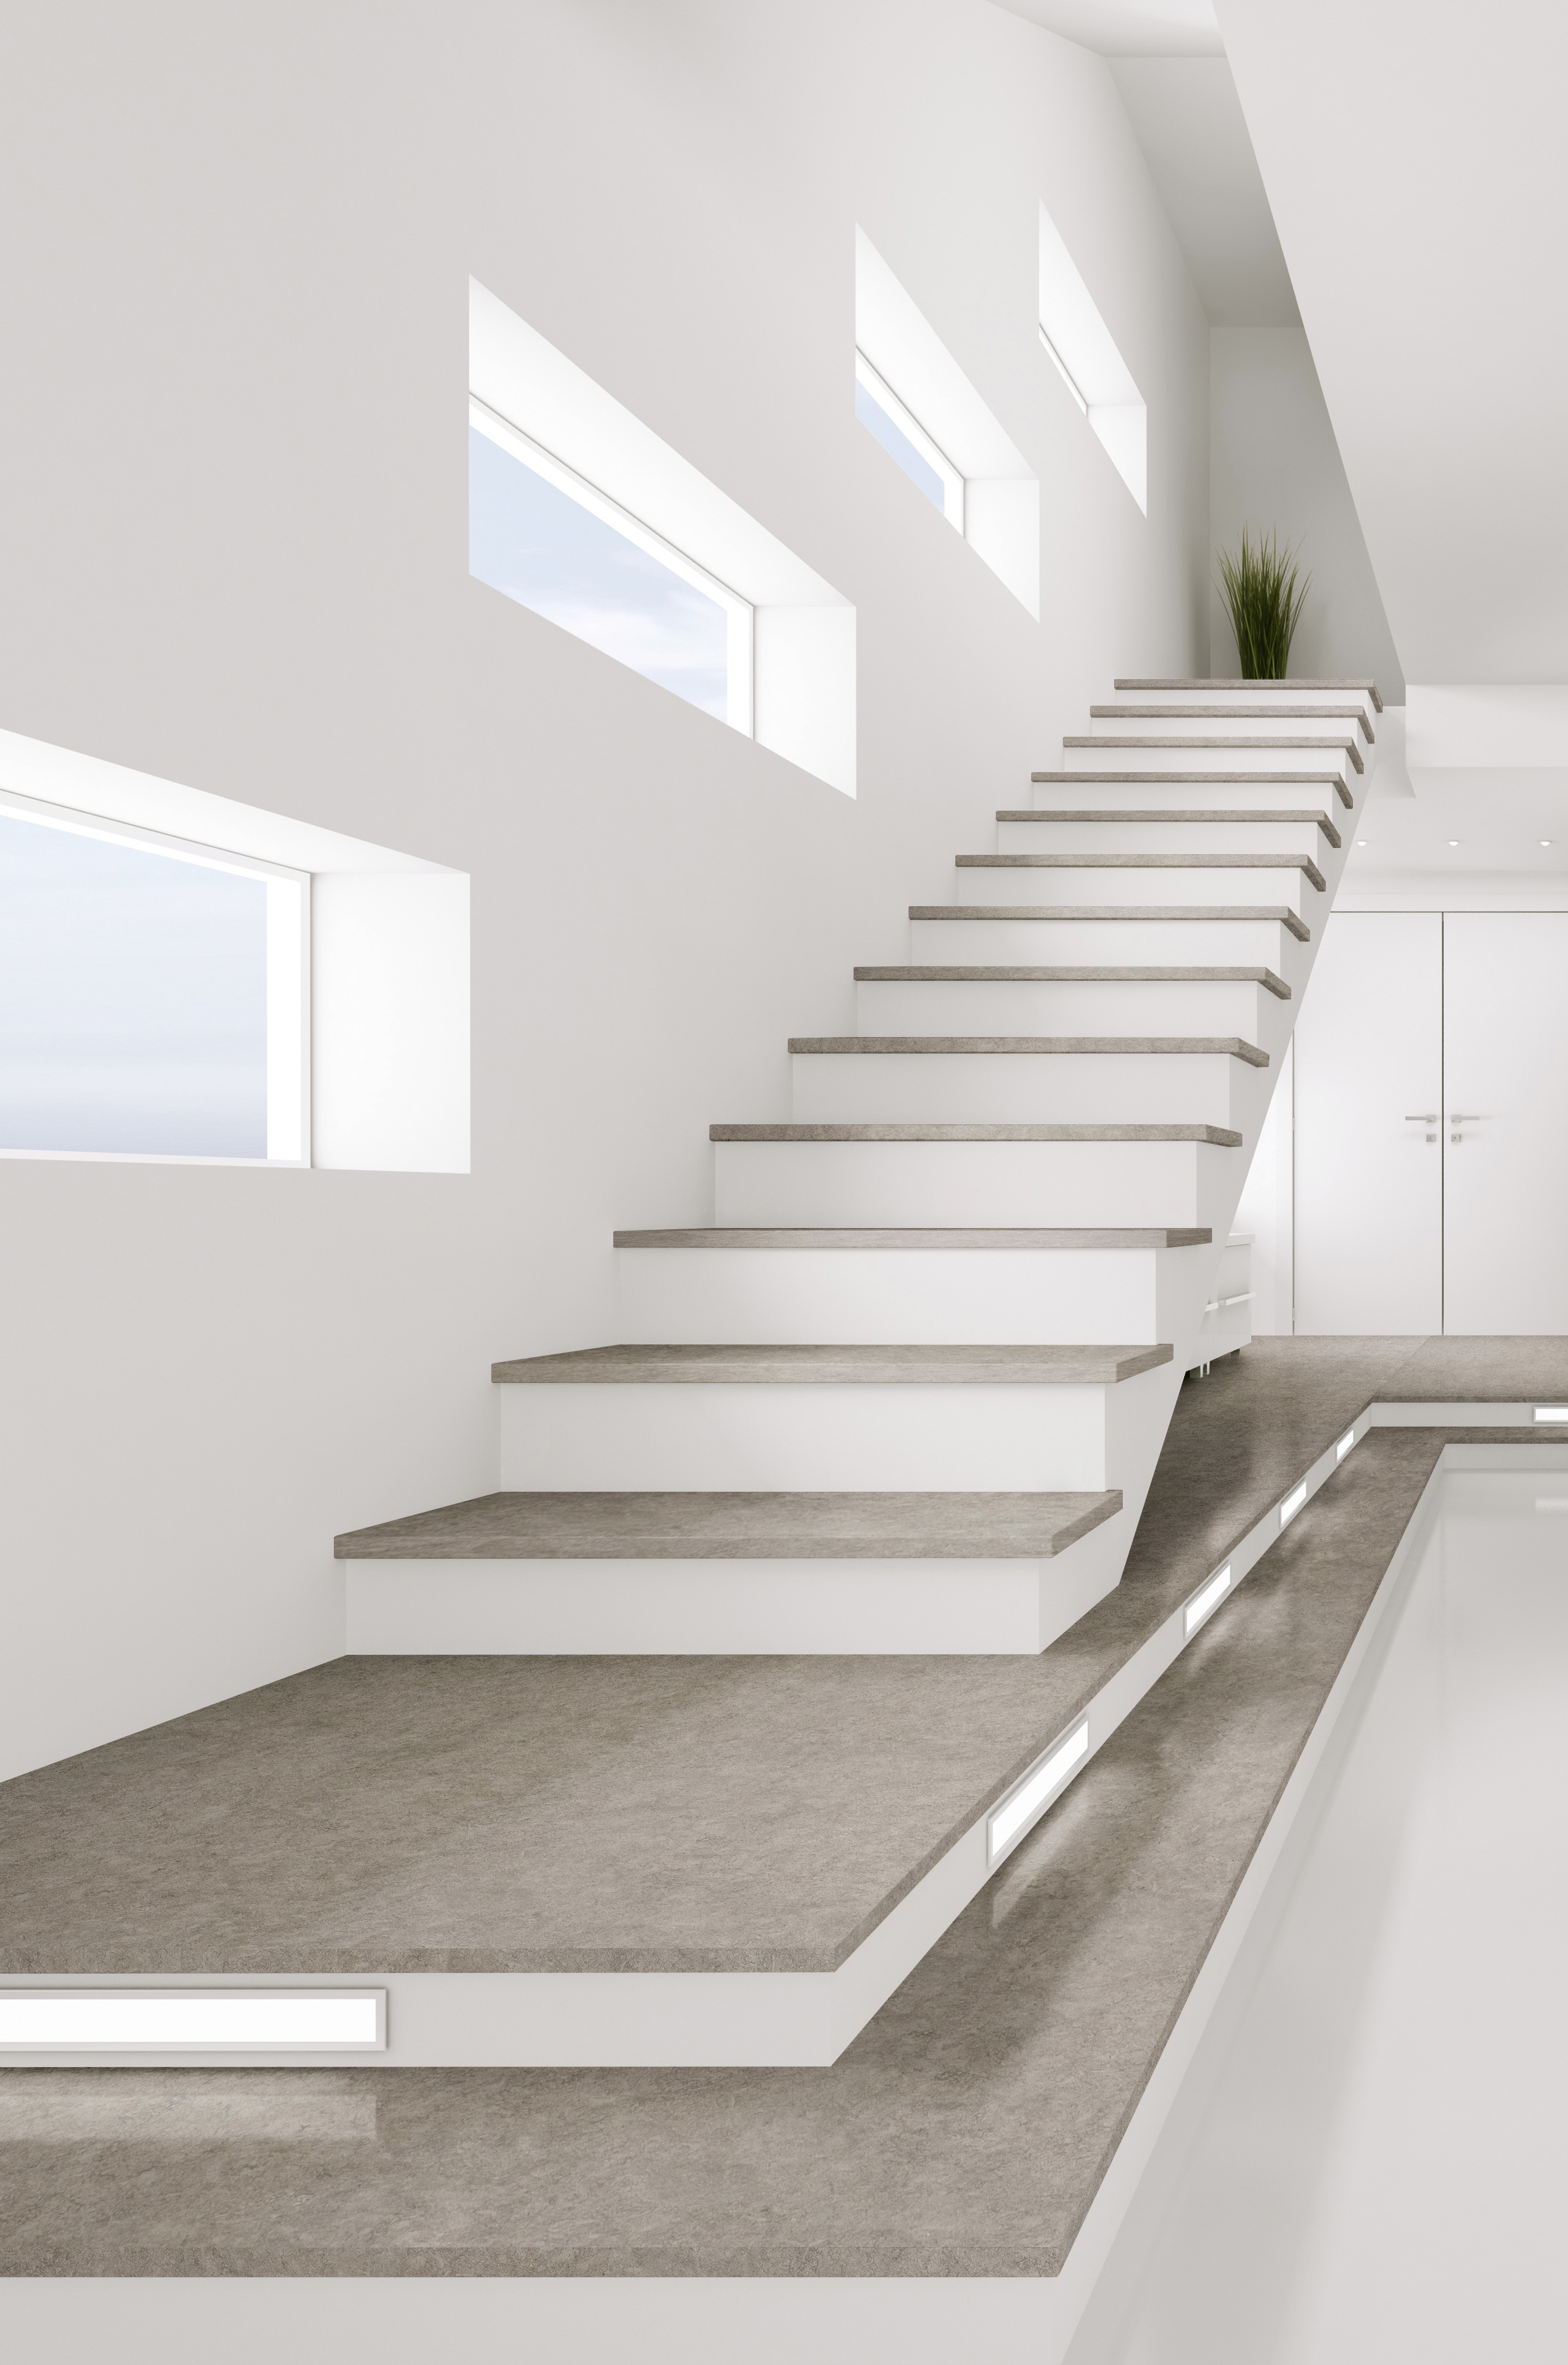 cosentino schweiz sch n wie naturstein und noch viel mehr die f nf neuen dekton farben. Black Bedroom Furniture Sets. Home Design Ideas